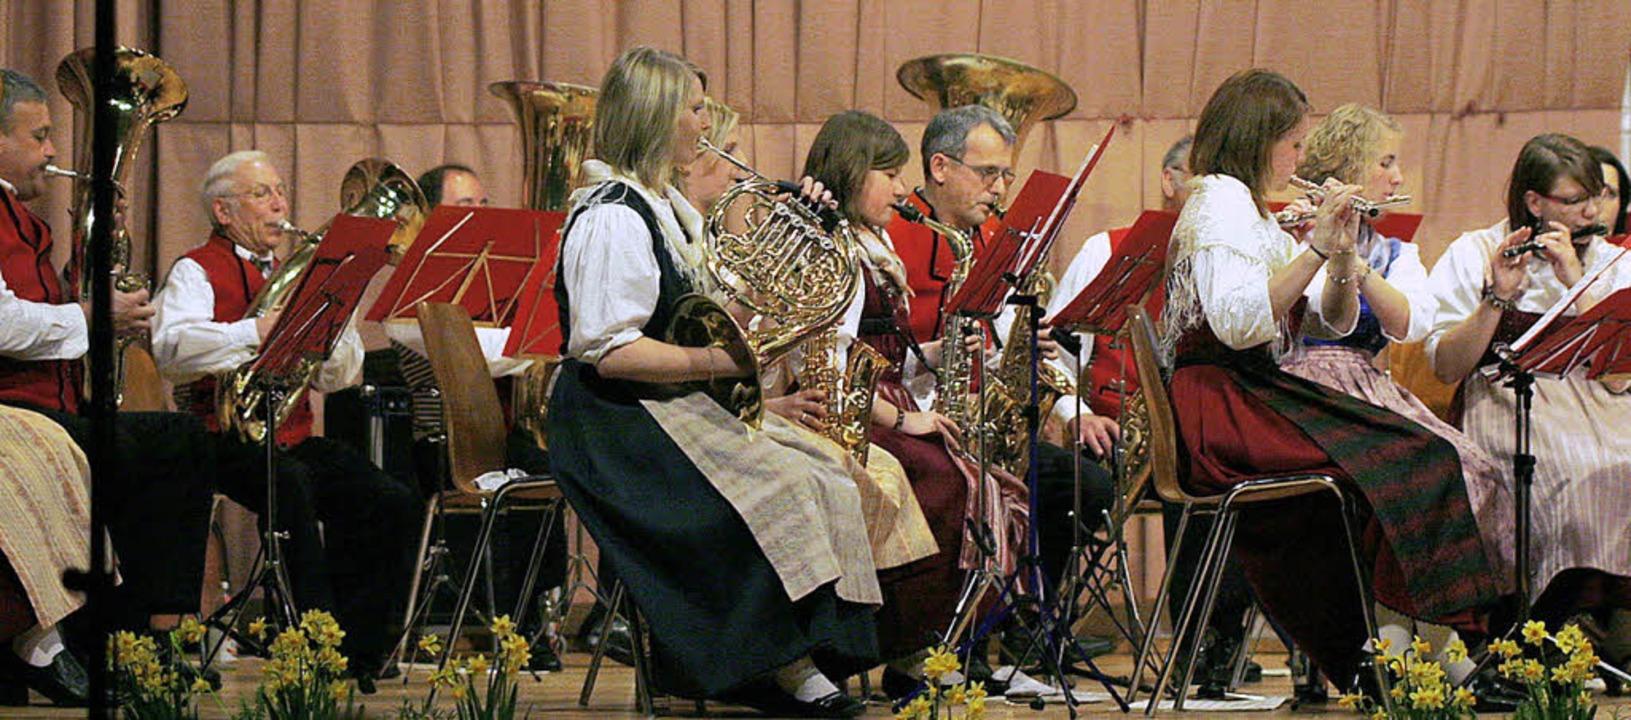 Moderne Klänge: das Konzert der Trachtenkapelle  | Foto: heidi fössel